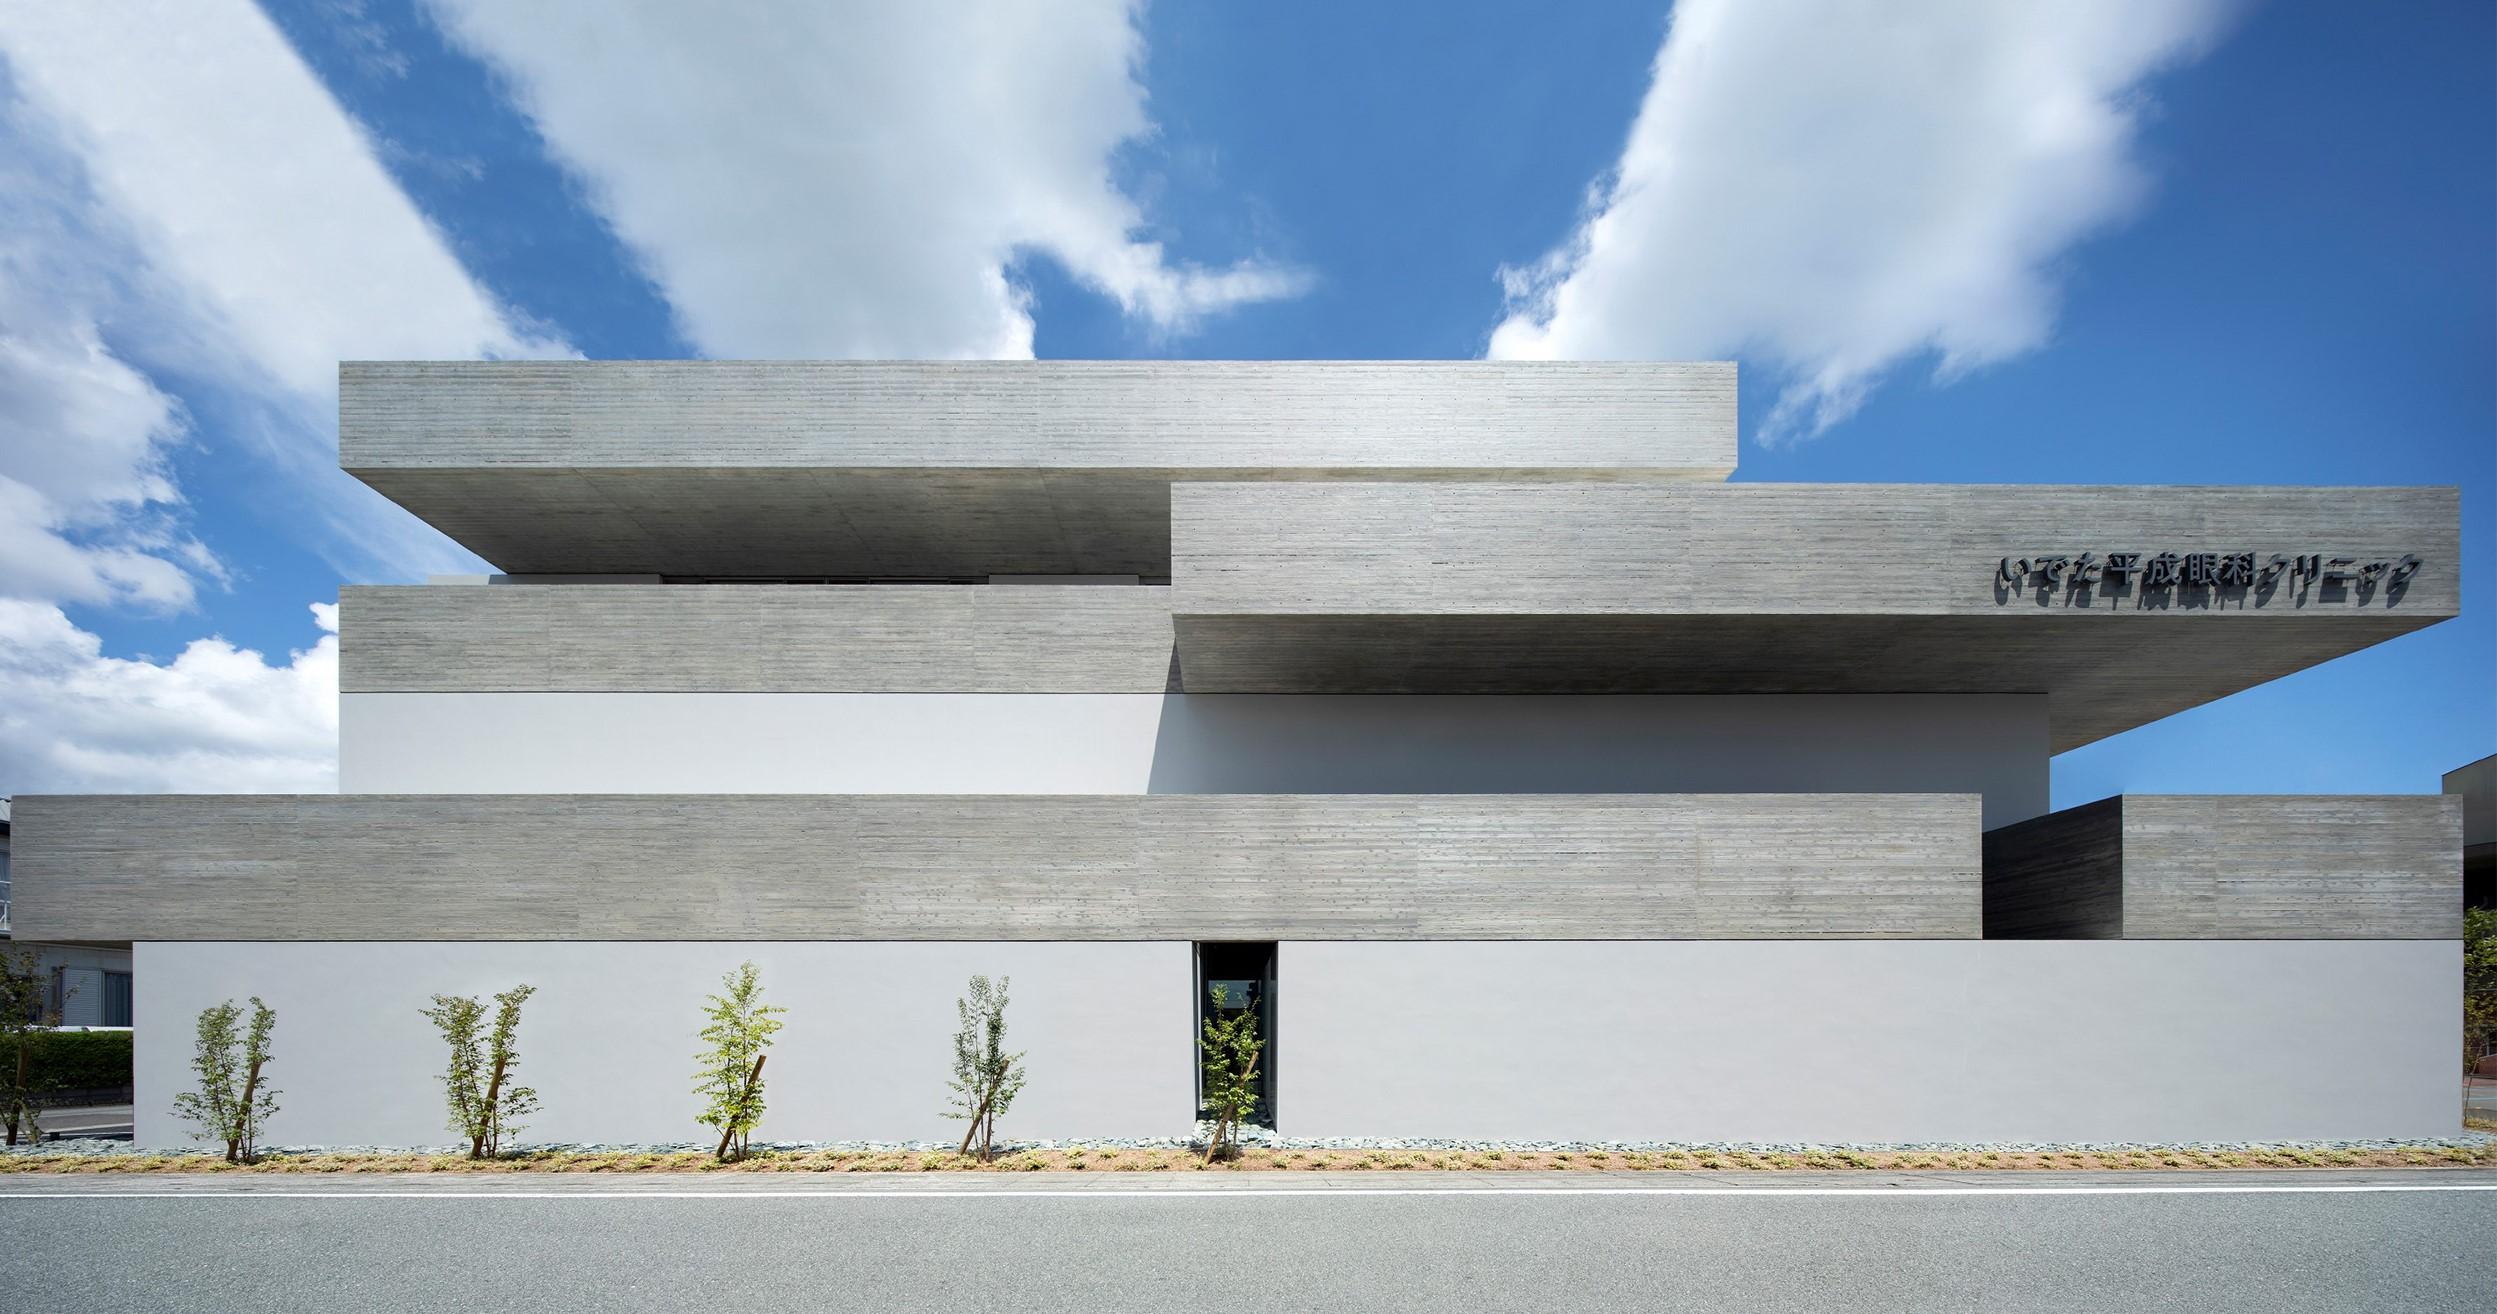 Ideta Heisei Retina Consultants | LOOP Design Awards